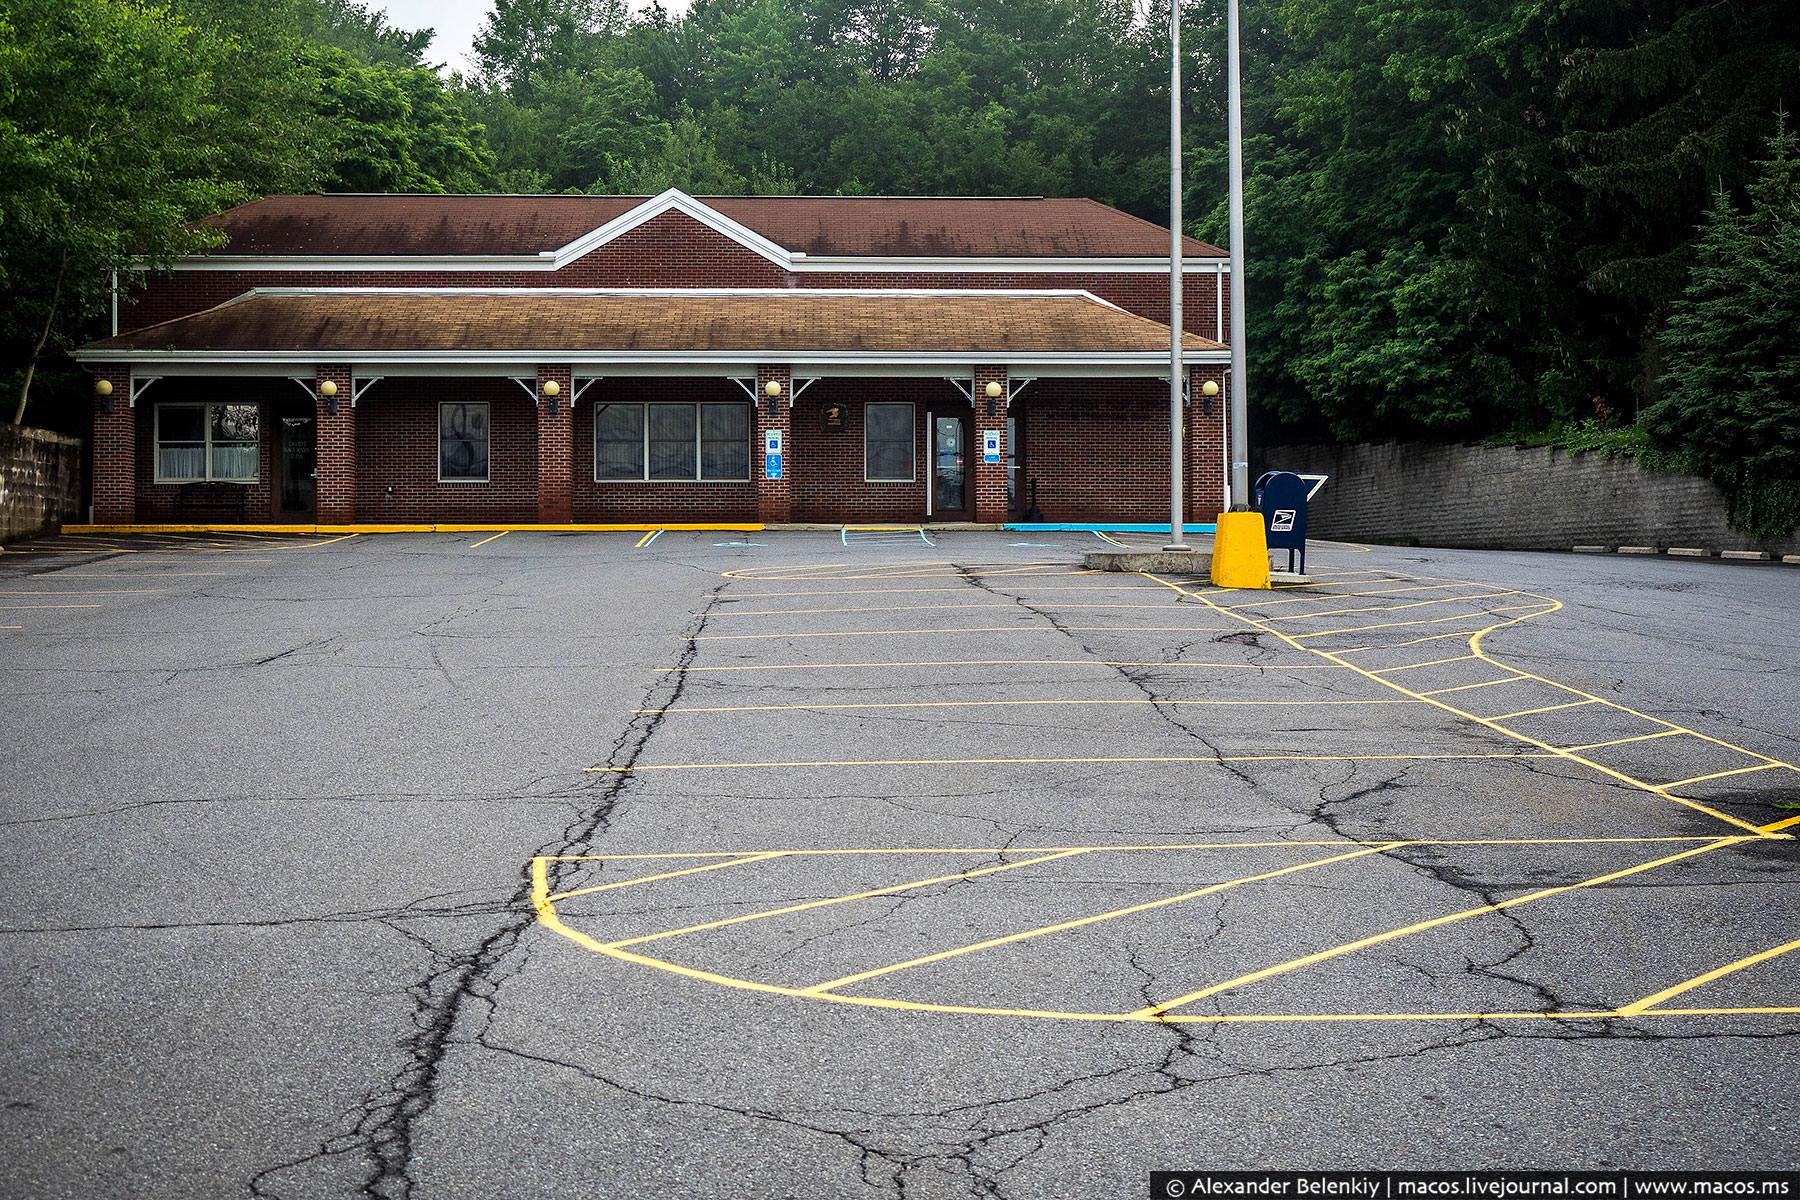 Но почта оказалась закрыта. Как и большинство других заведений, включая пожарное депо. По традиции,